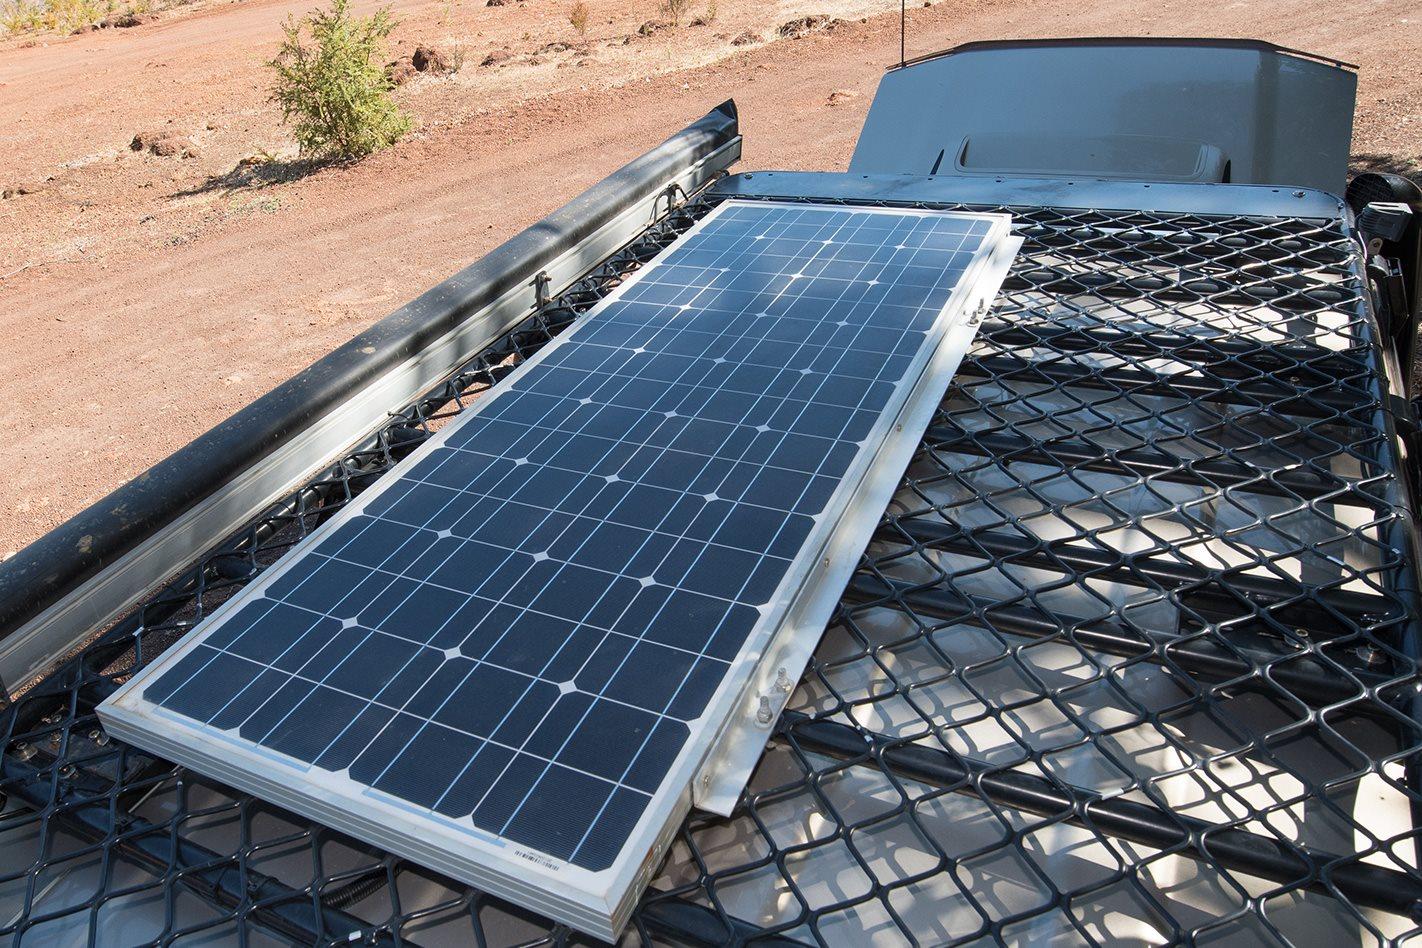 Toyota-LandCruiser-76-Series-solar-panels.jpg